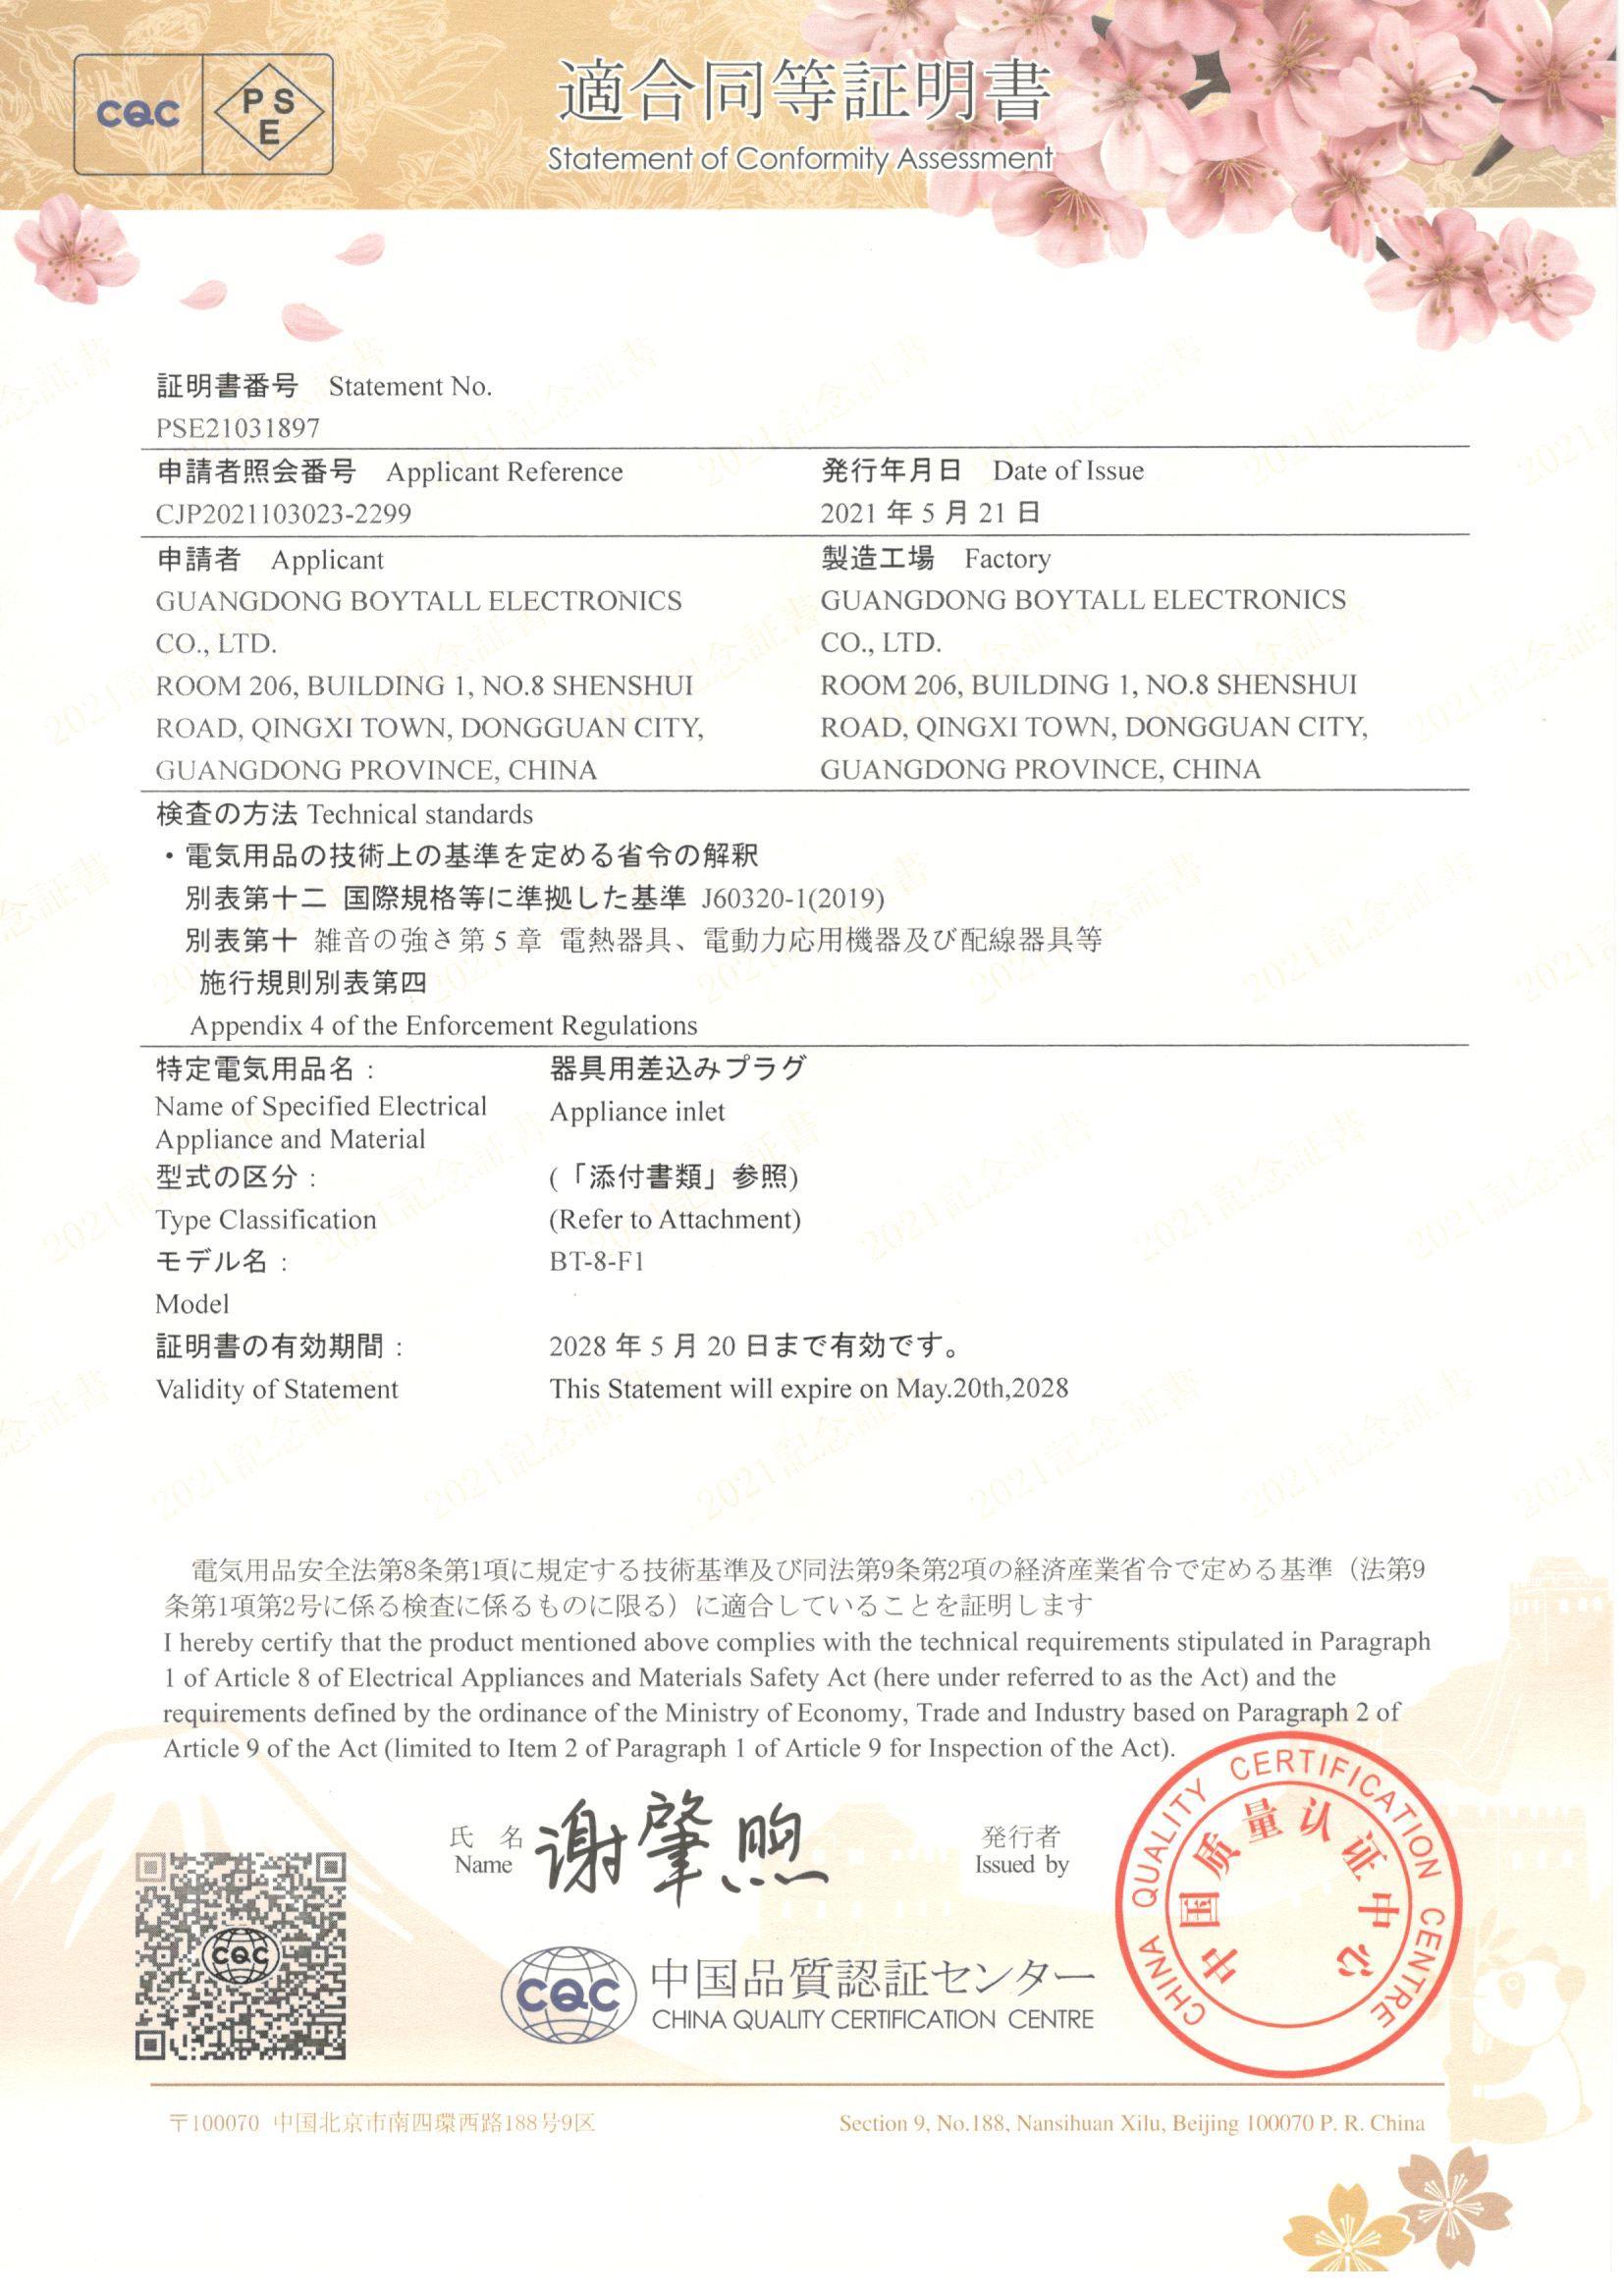 BT-8-F系列 CQC-PSE 证书